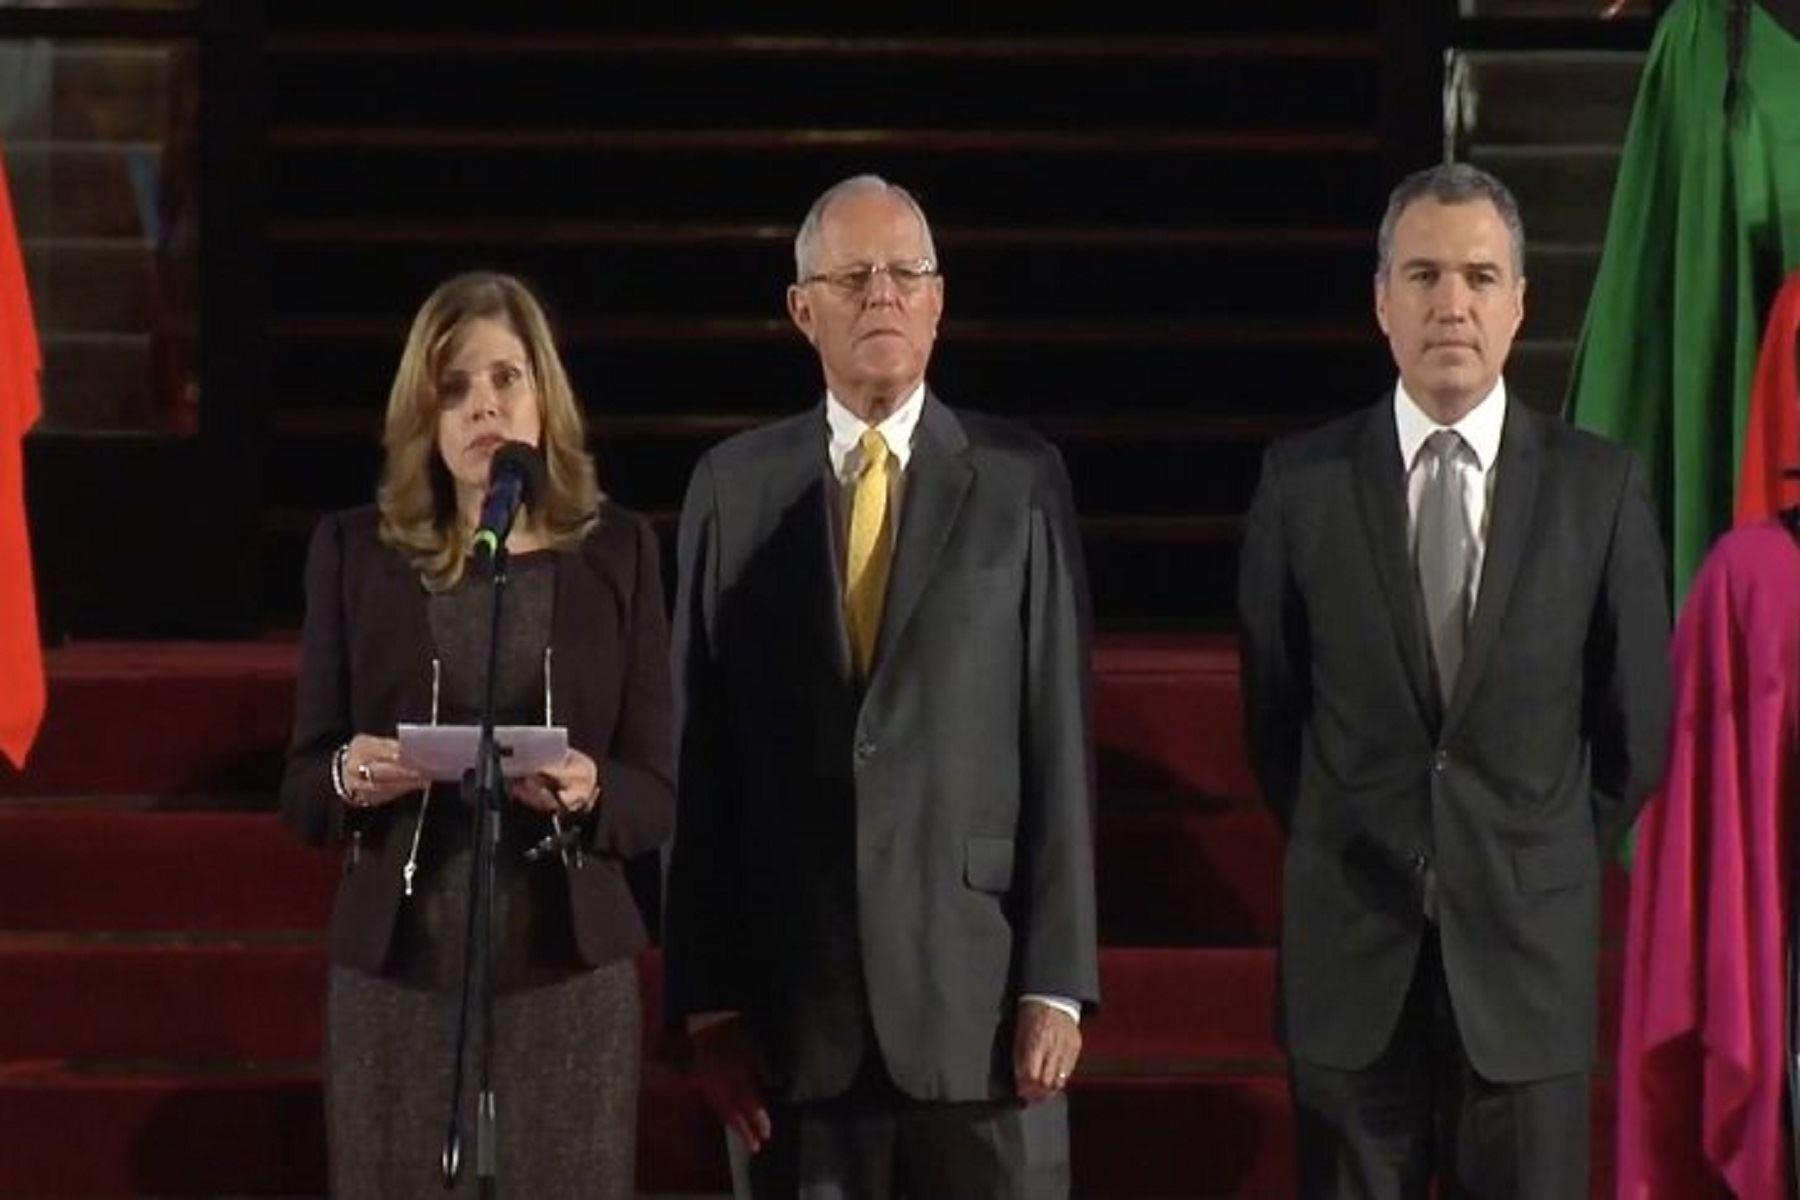 Presidente Pedro Pablo Kuczynski lanza concurso para elegir logo y canción del Bicentenario.